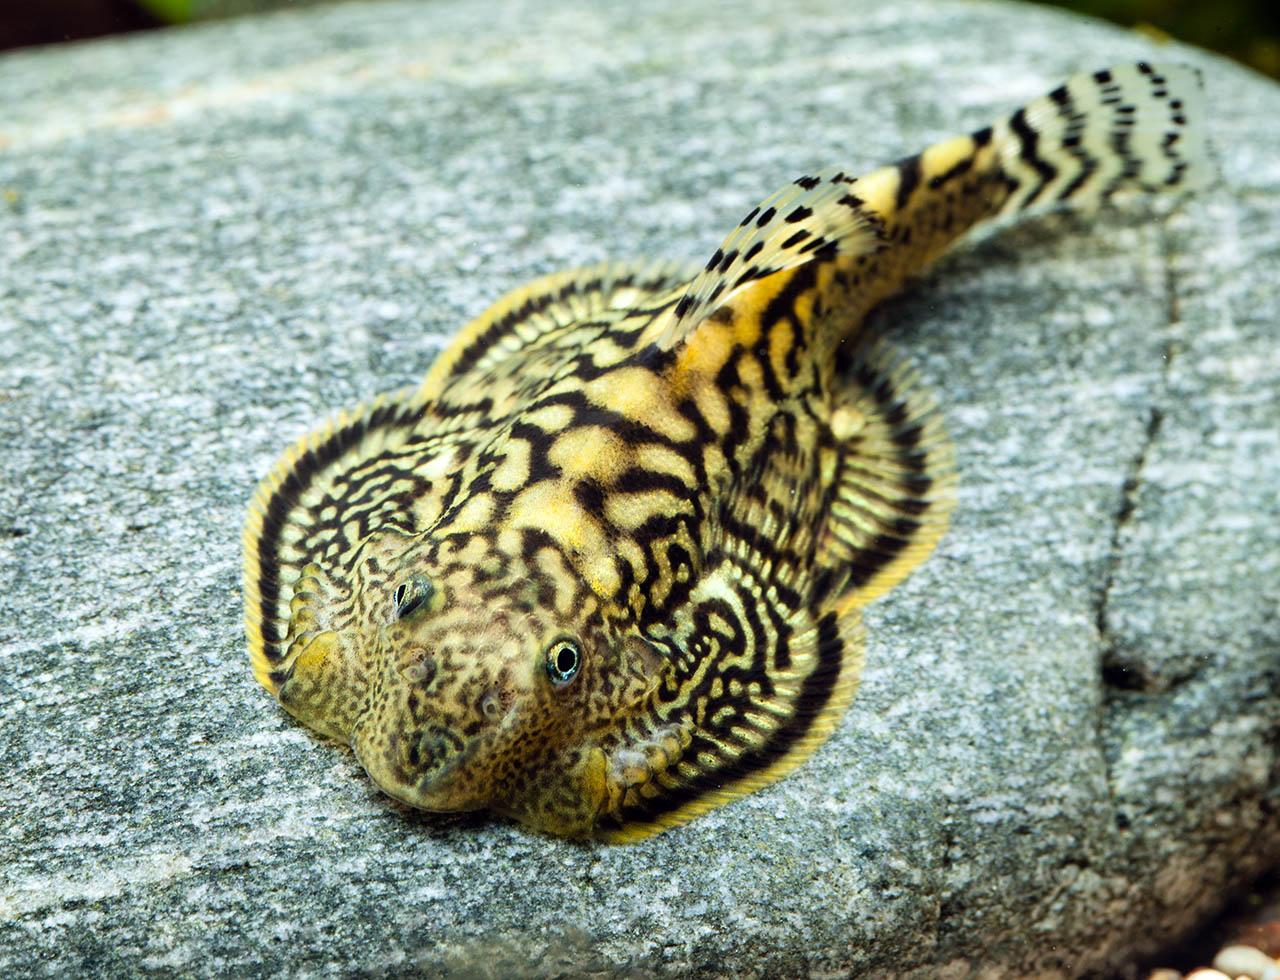 Loche marmorata sewellia marmorata loche fiche poisson - Poisson a ventouse ...